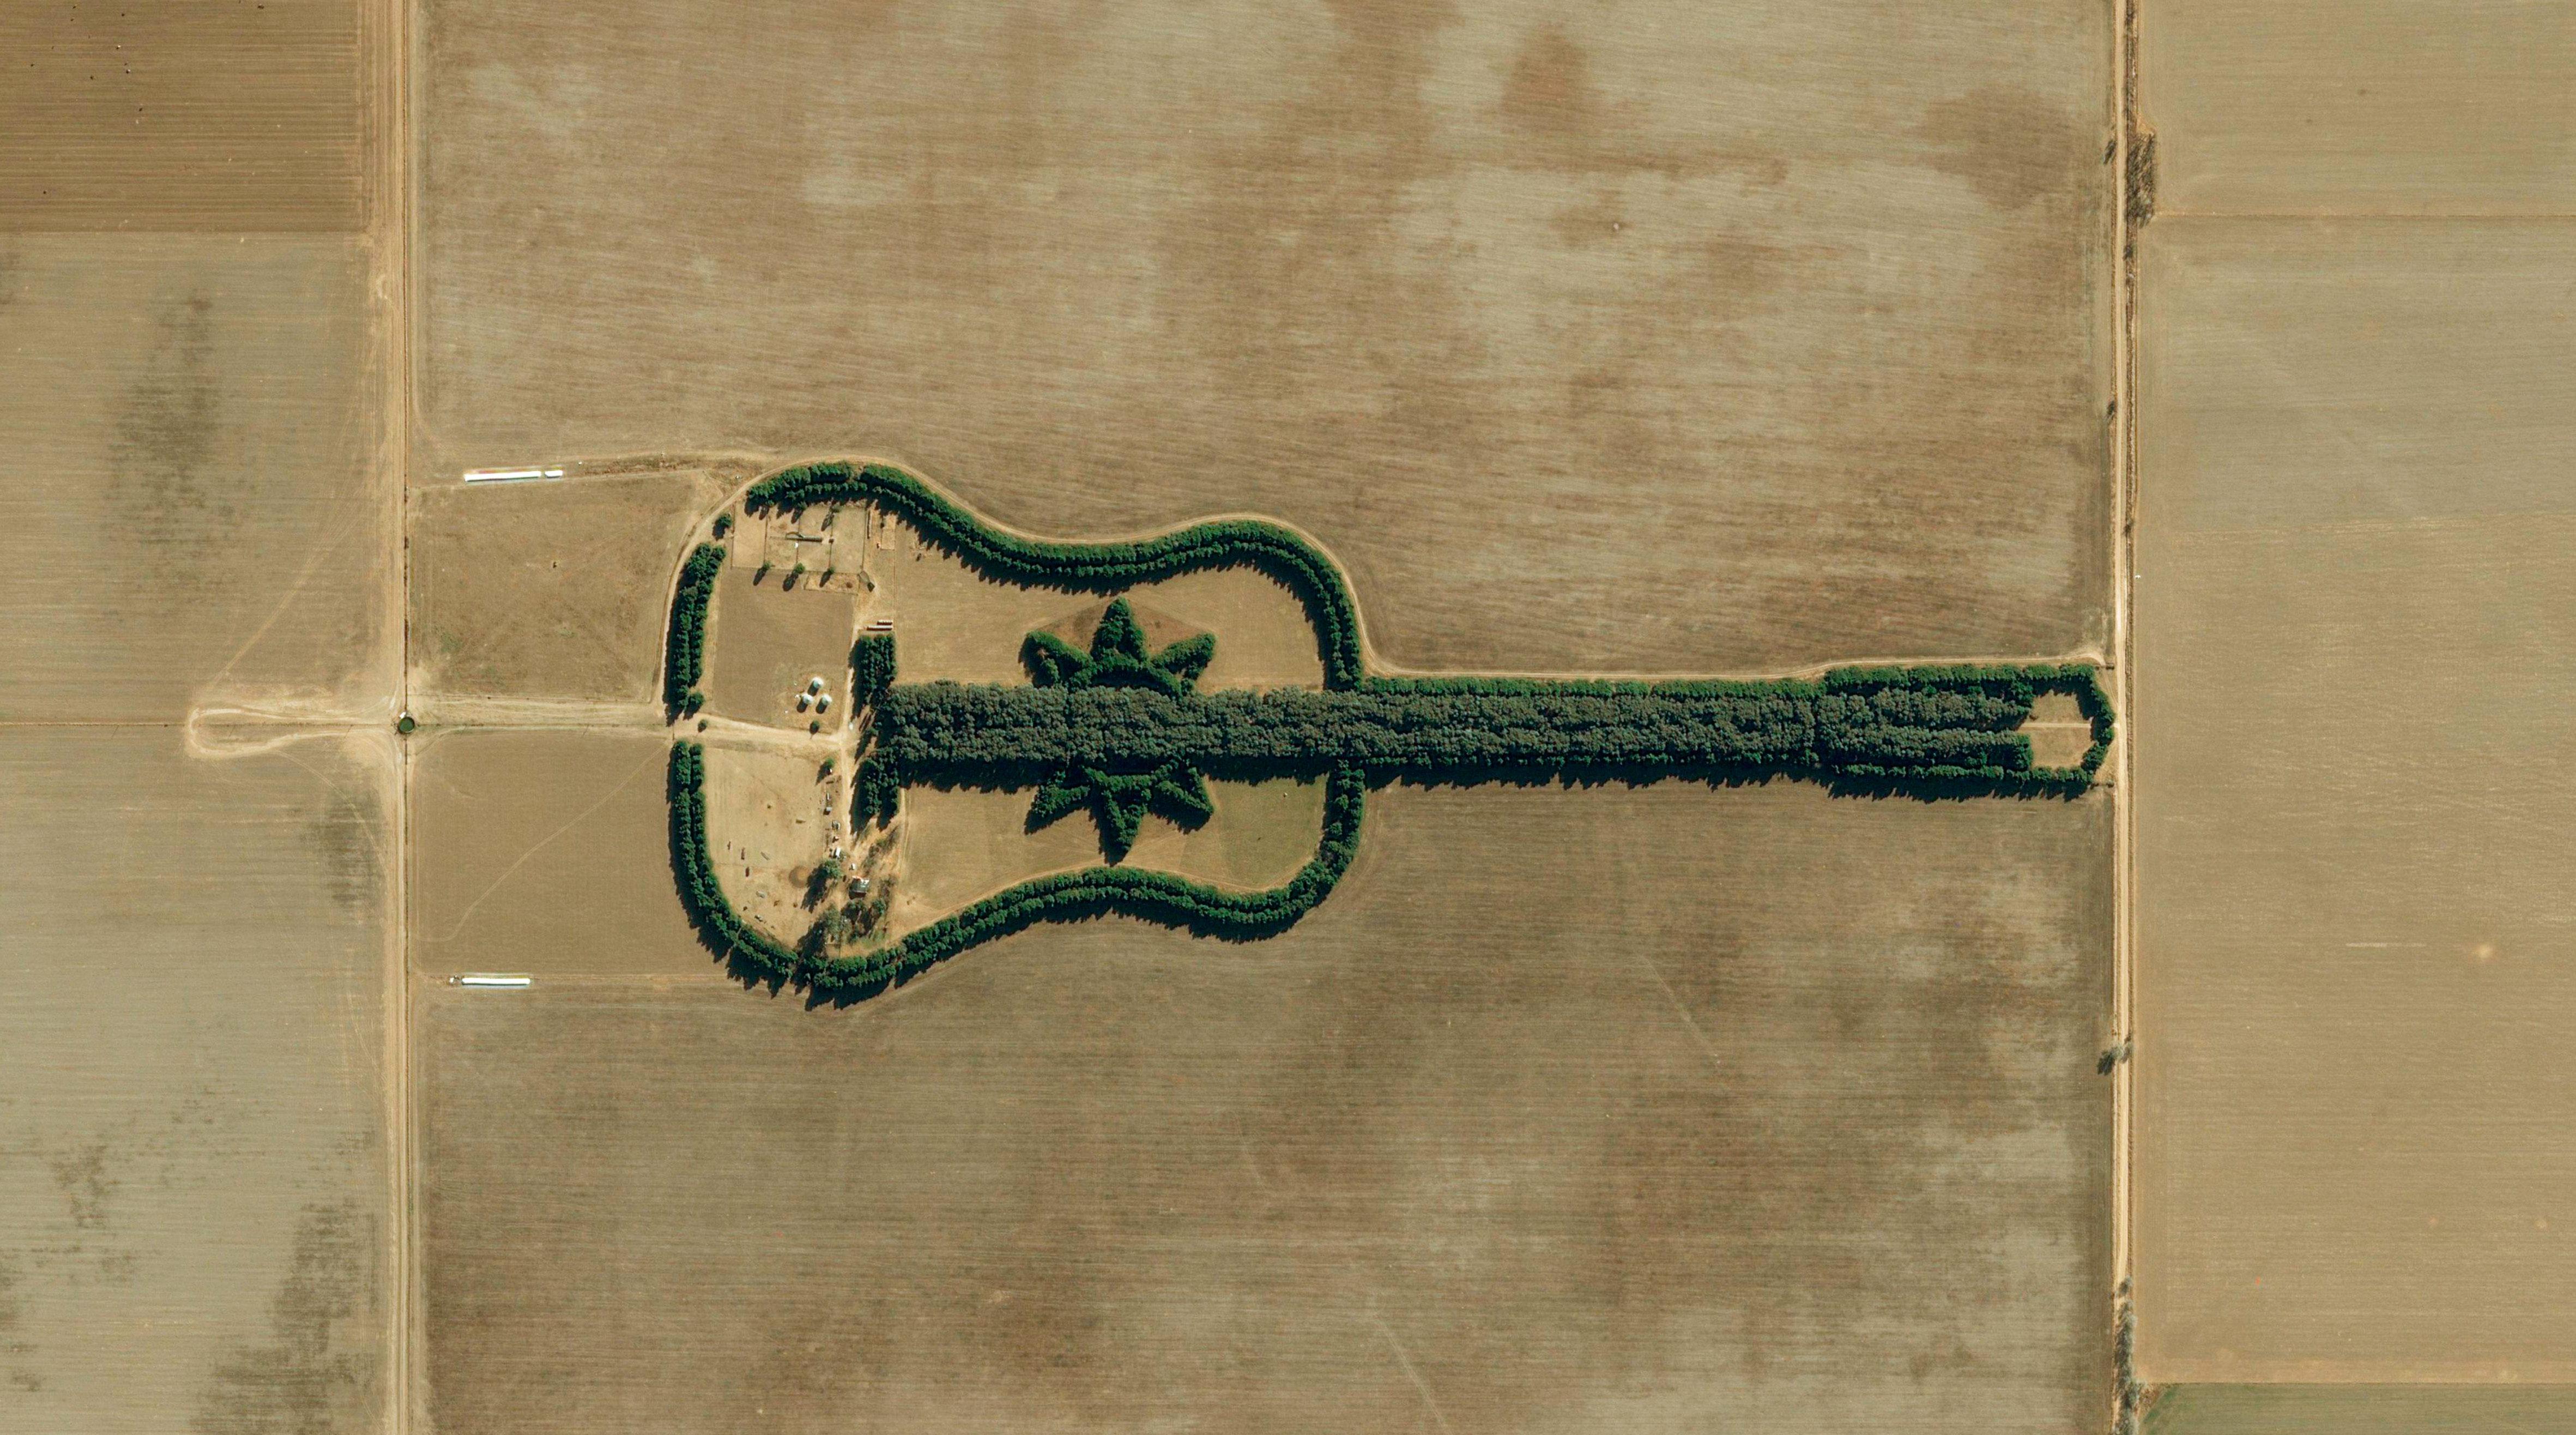 La guitarra de Pedro Martín Ureta, Córdoba